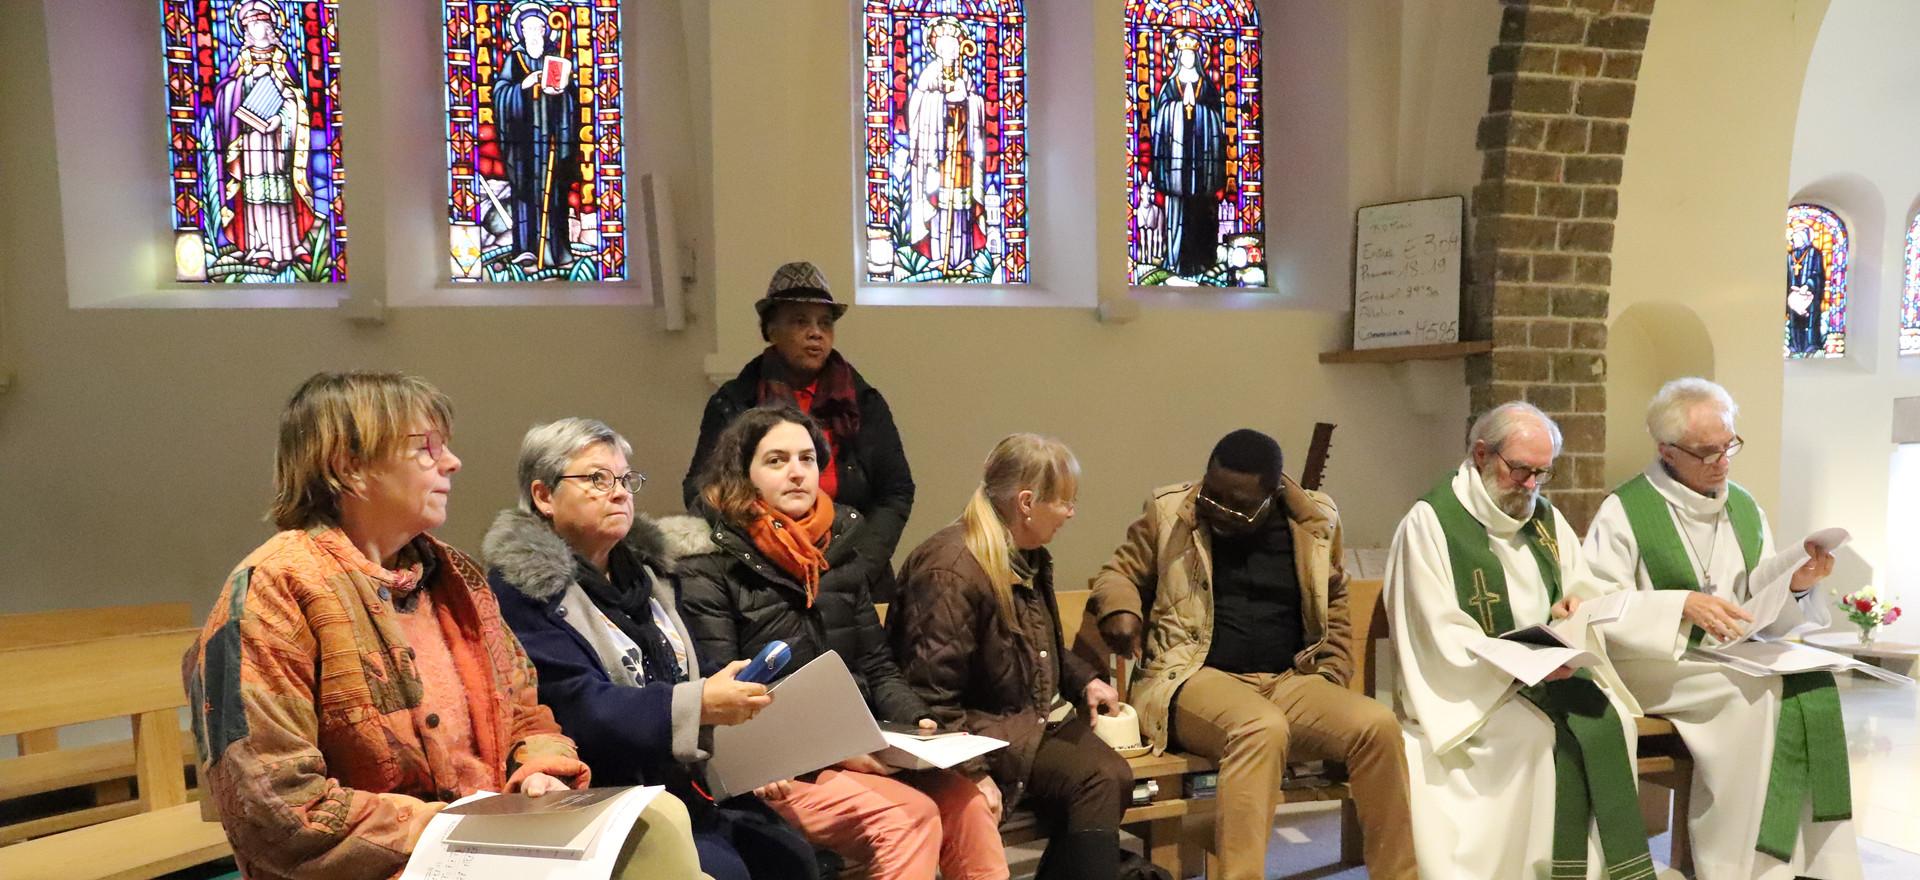 Rencontre au monastère ND d'Hurtebise en Belgique (5)